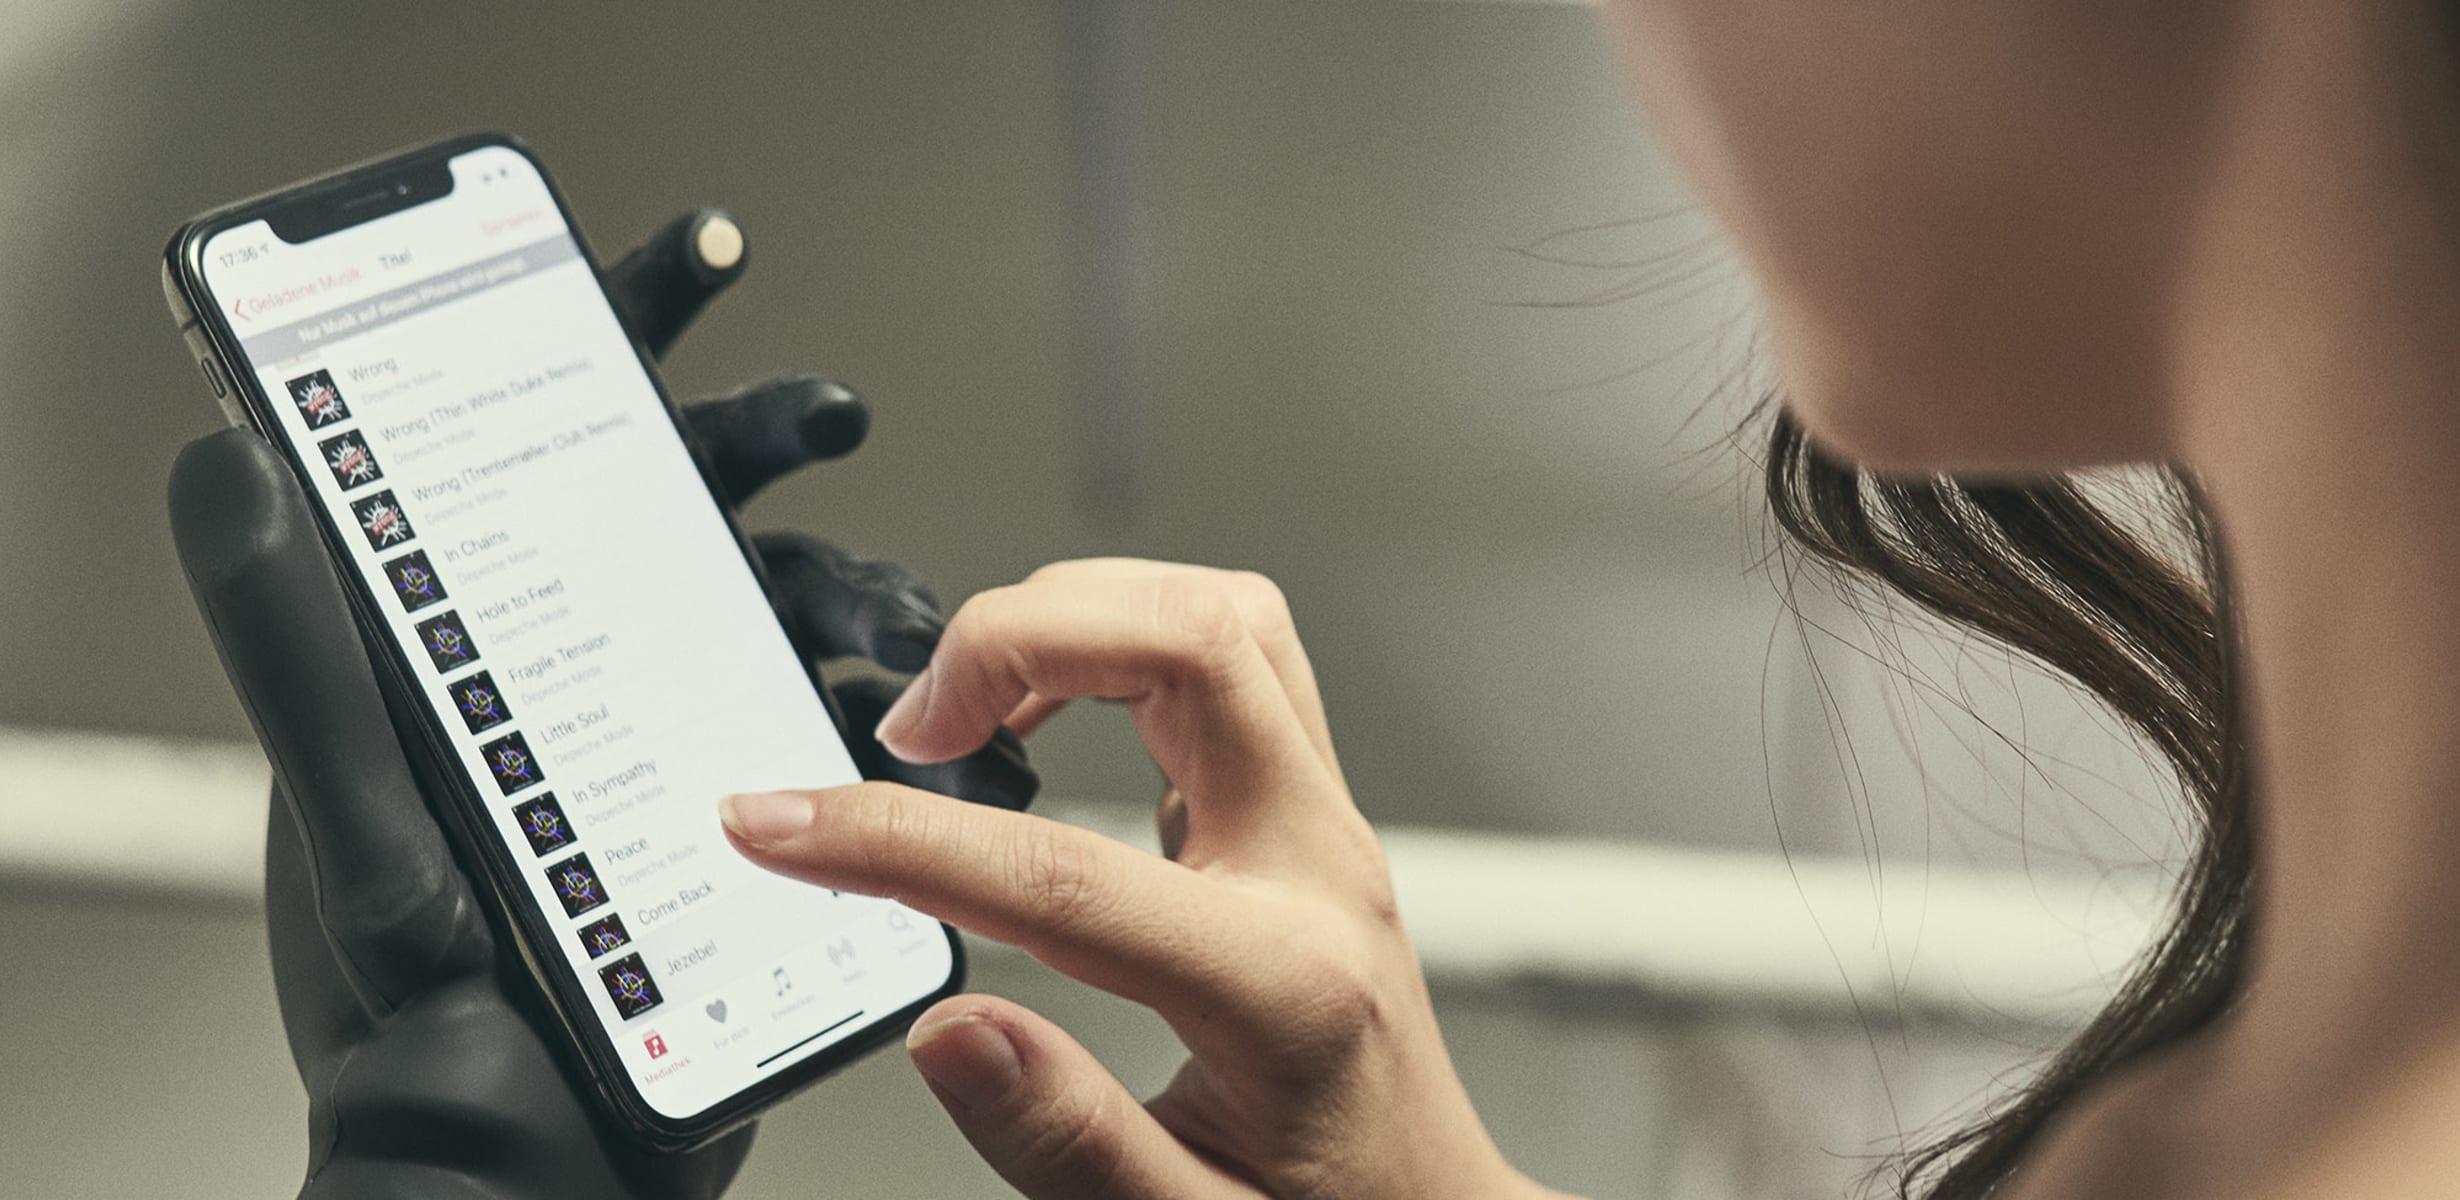 Shiori hält mit ihrer Handprothese i-Limb Quantum ein Smartphone fest